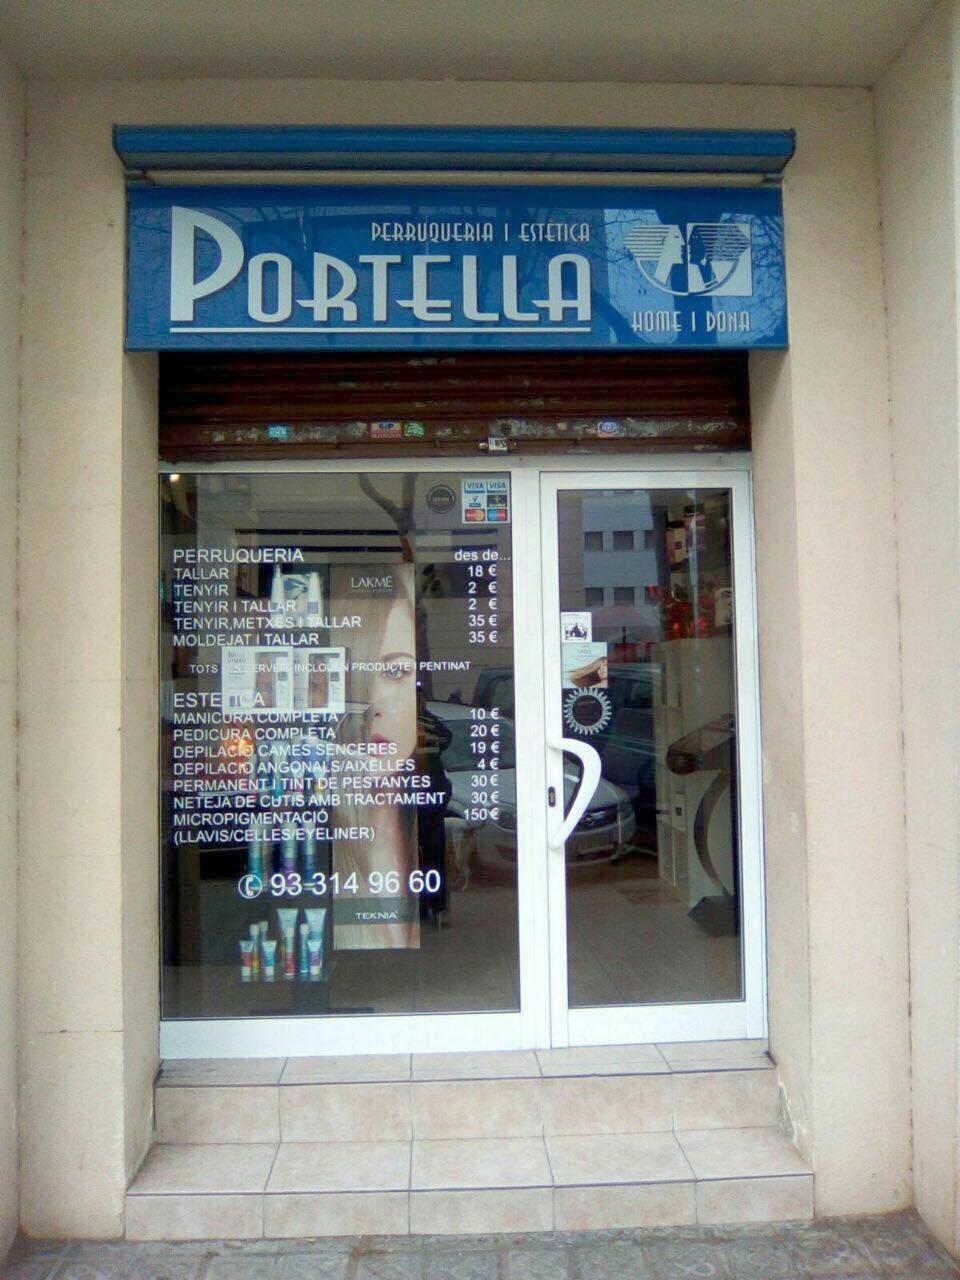 PERRUQUERIA PORTELLA -